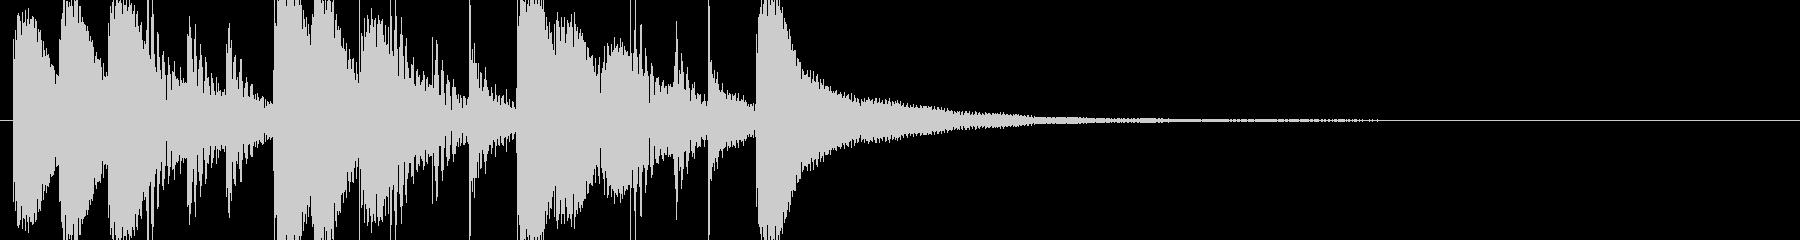 ドラム/ティンバレス フィルイン 18の未再生の波形